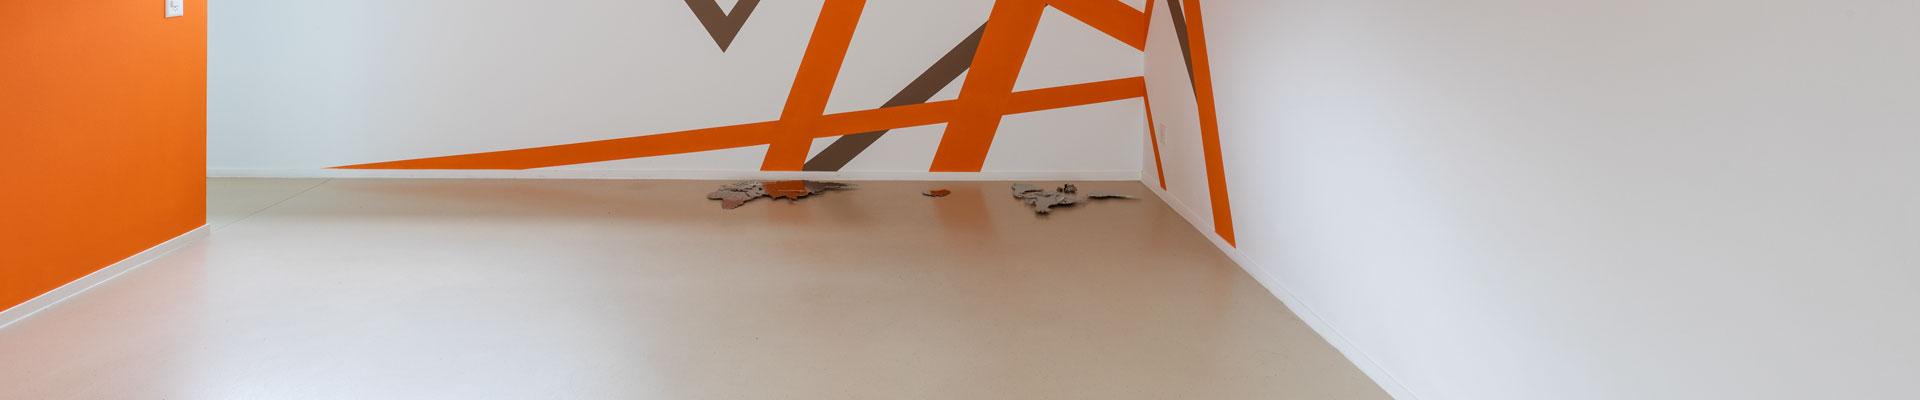 andreadolcettidesign resina pavimenti strip - misura - architetto ferrara